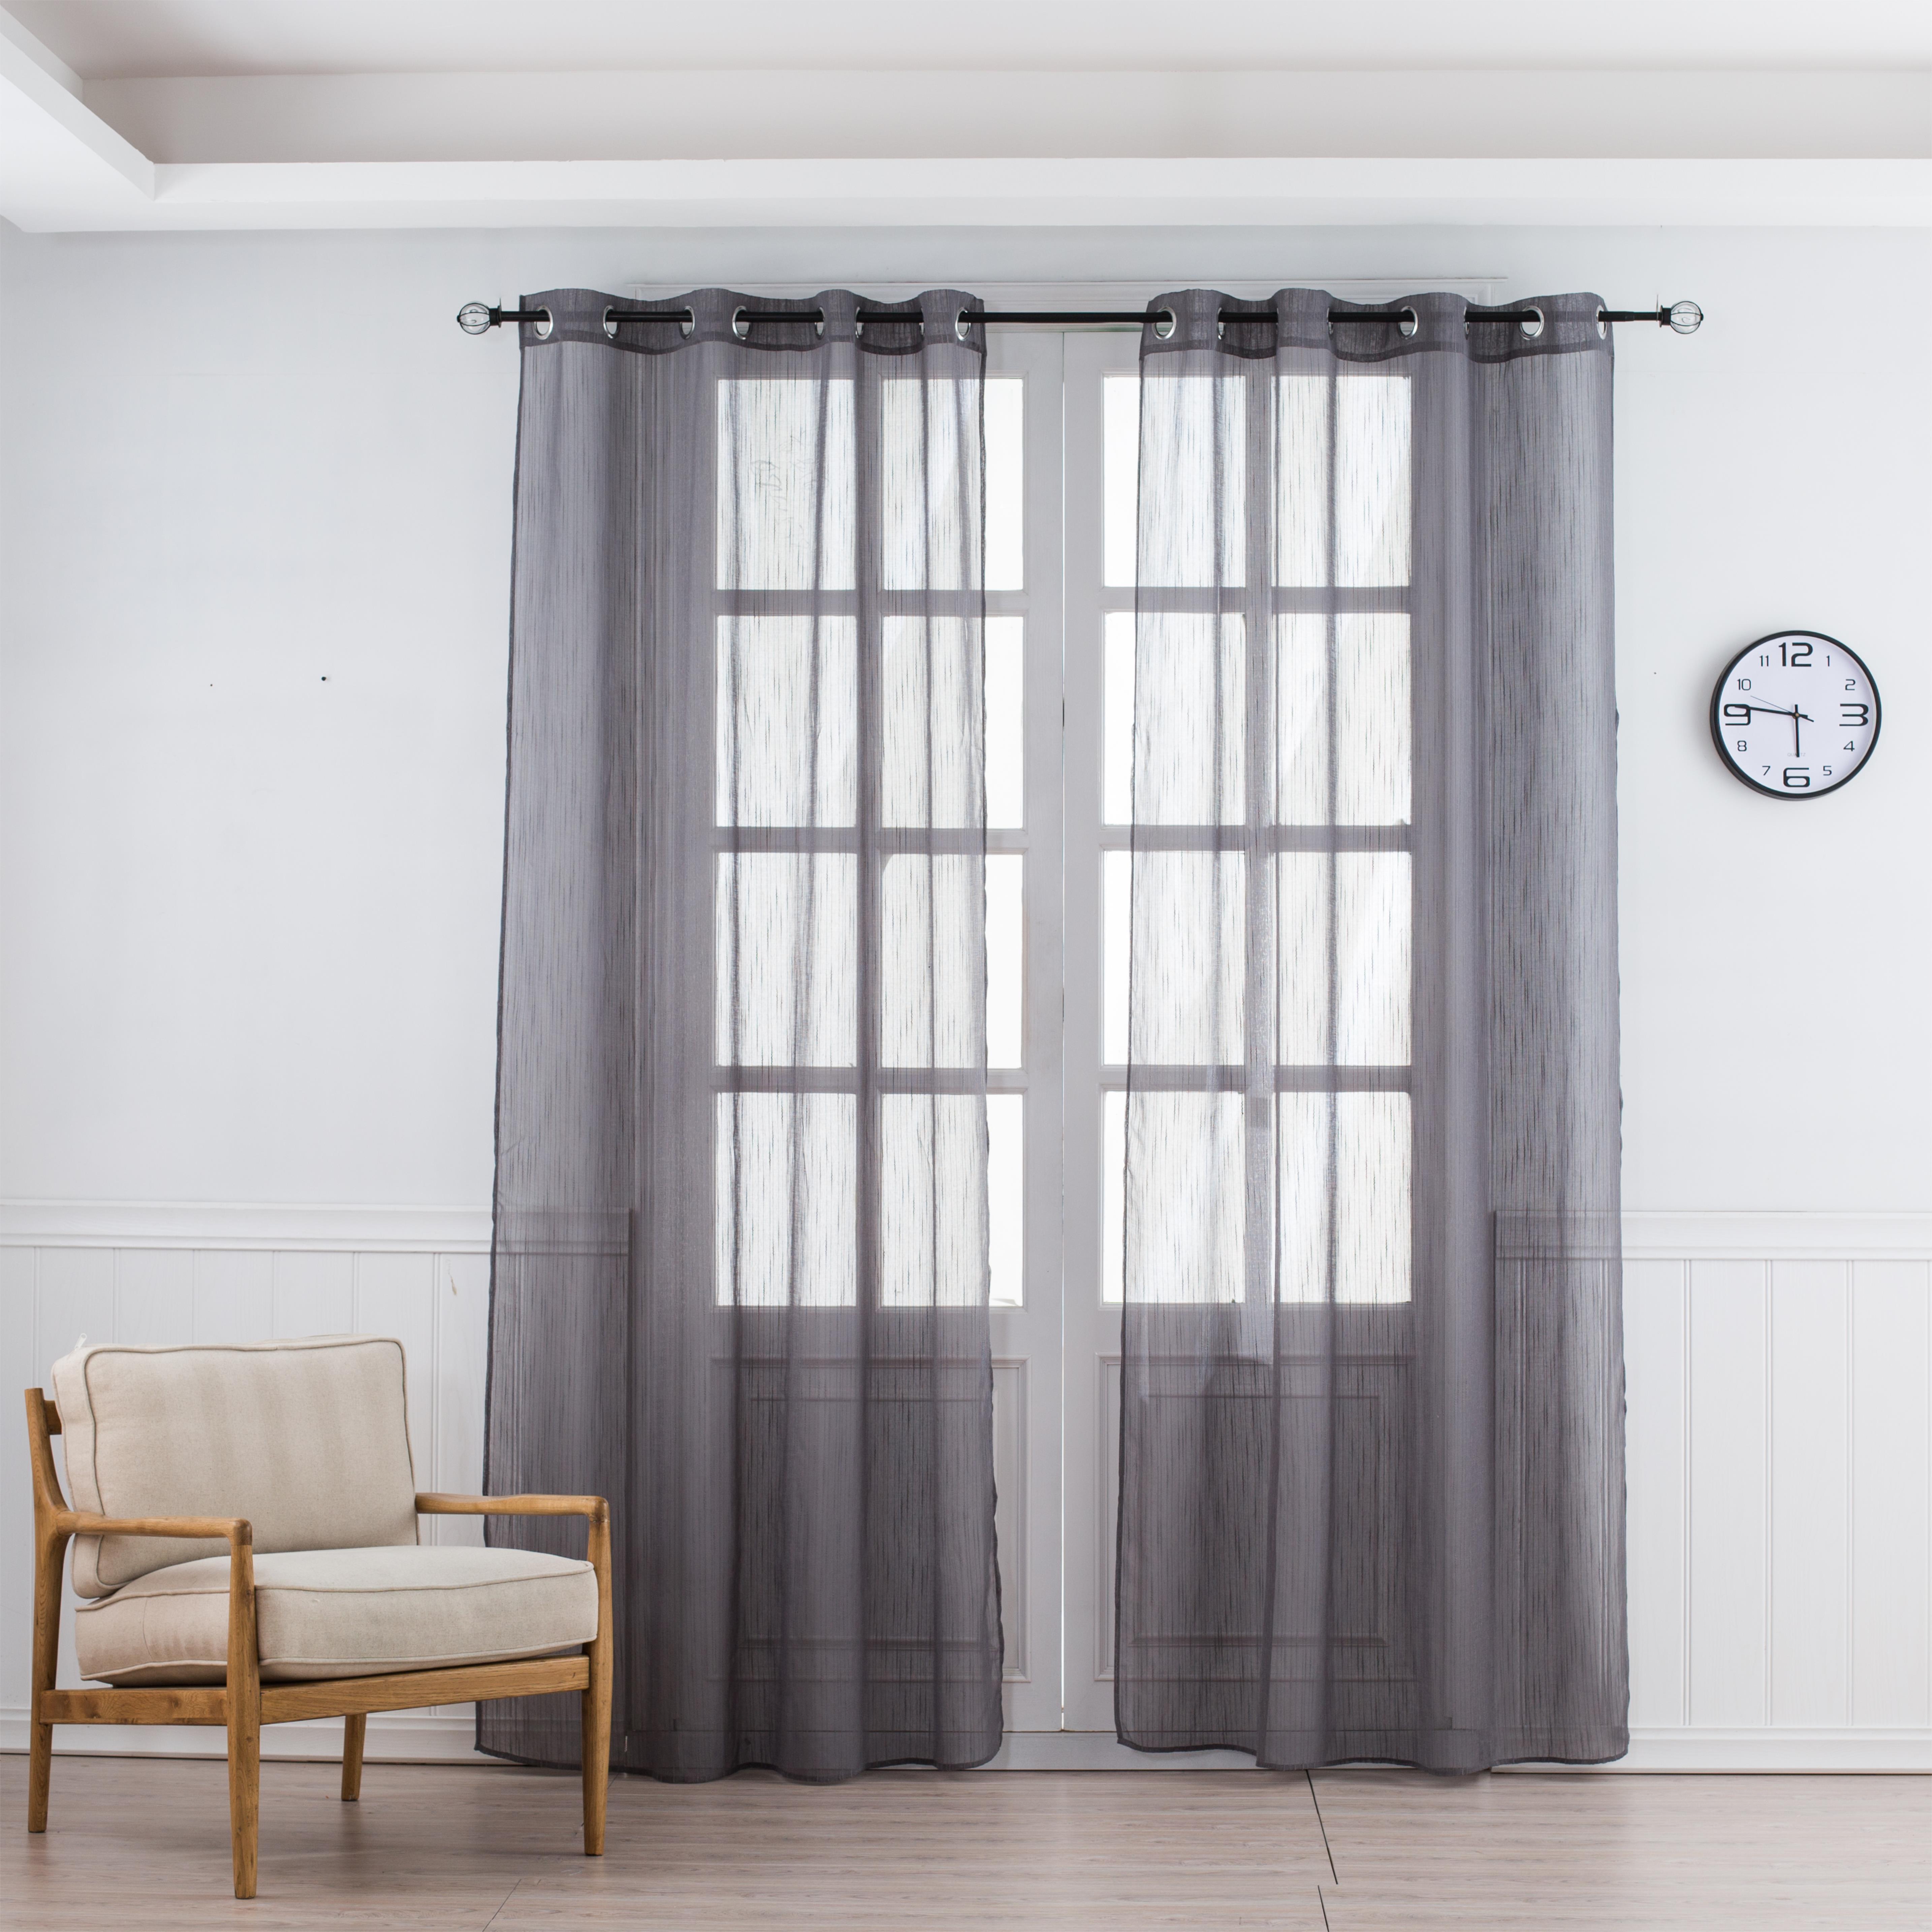 Maxineu0026Li Beautiful Sheer Window Elegance Curtains/drape/panels/treatment Sheer  Curtains